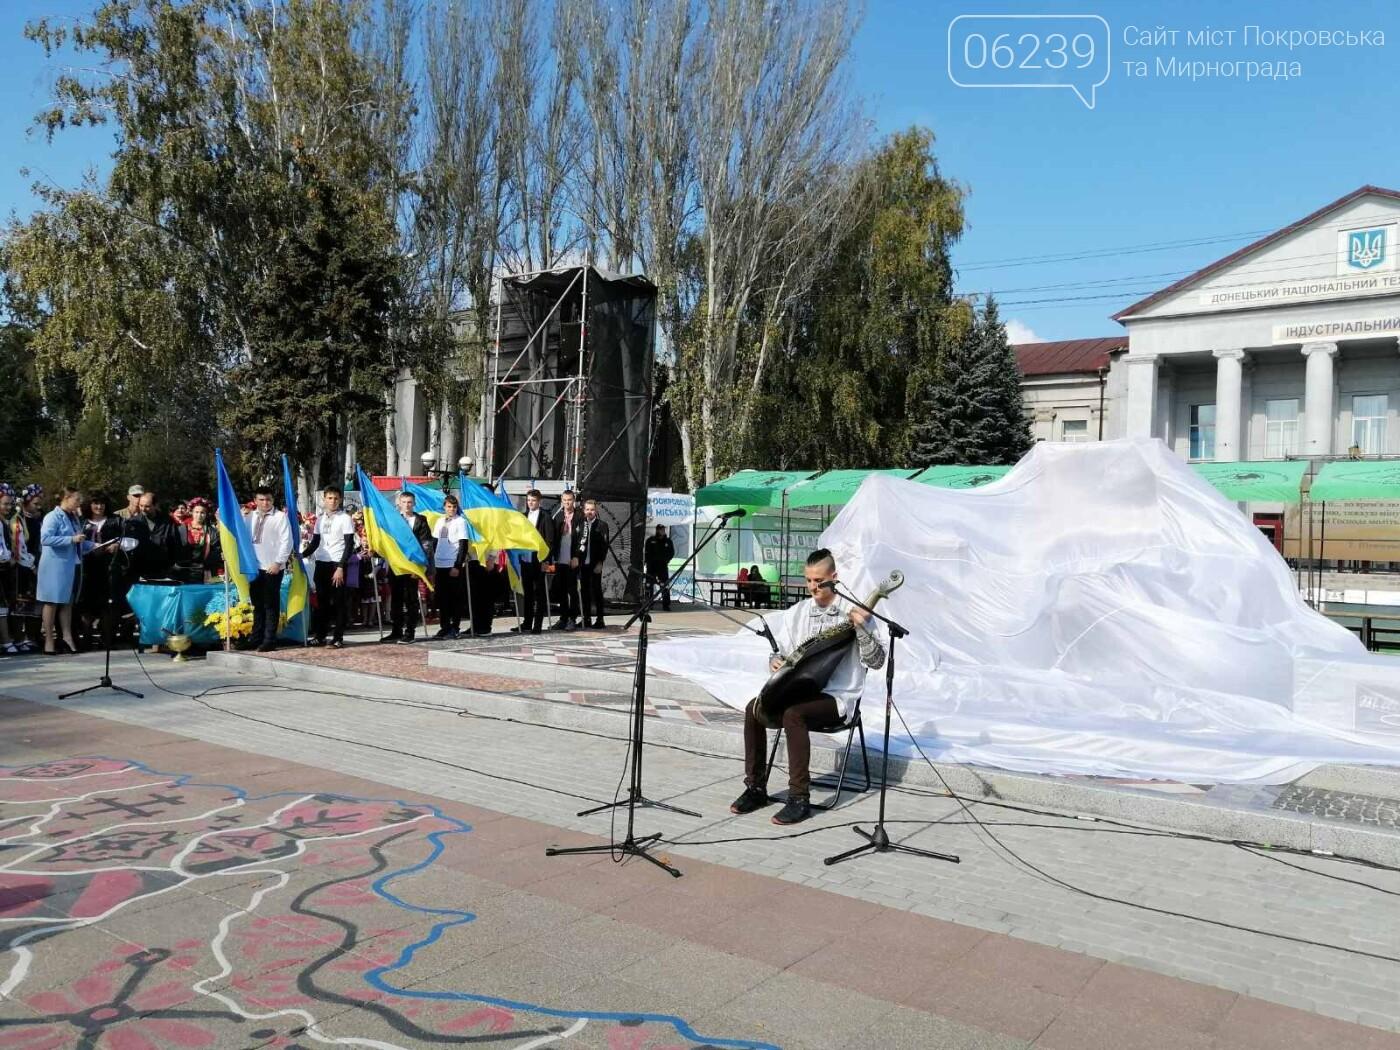 В Покровске состоялось торжественное открытие памятника Шевченко, фото-6